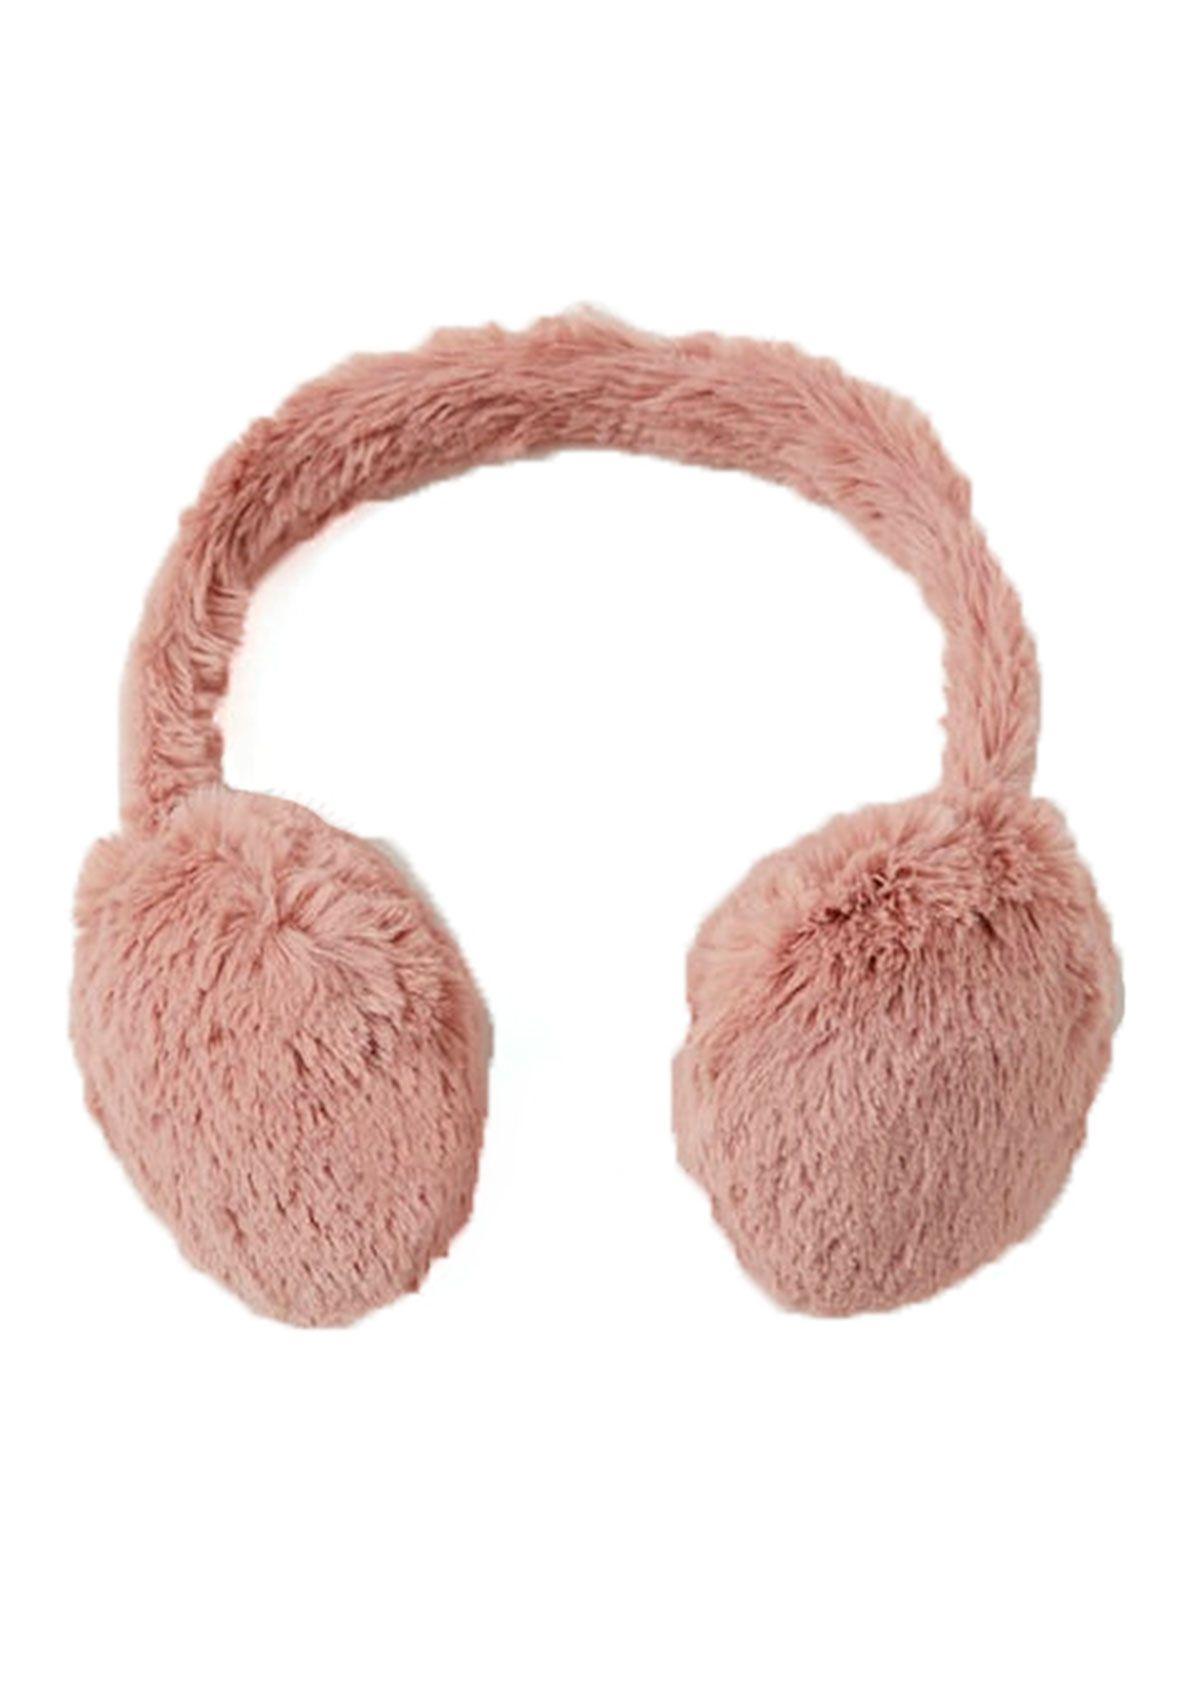 Te proponemos 15 complementos que van desde bolsos a zapatillas, pasando por fundas para móviles del tejido más calentito del invierno: el pelo.